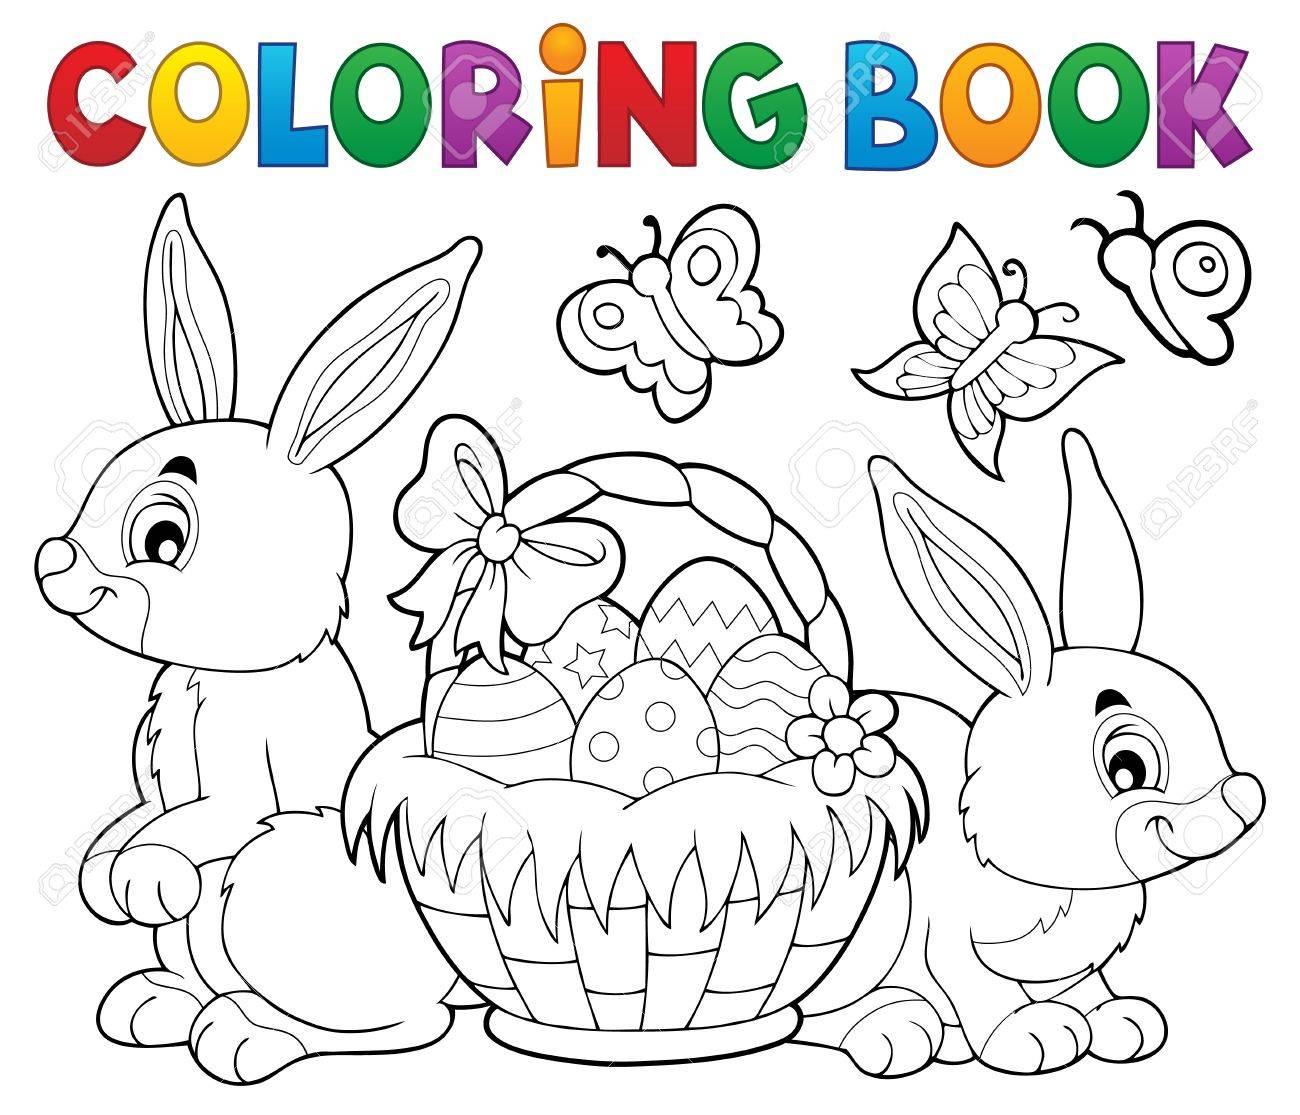 Dibujo Para Colorear Pascua Cesta Y Conejos - Eps10 Ilustración ...